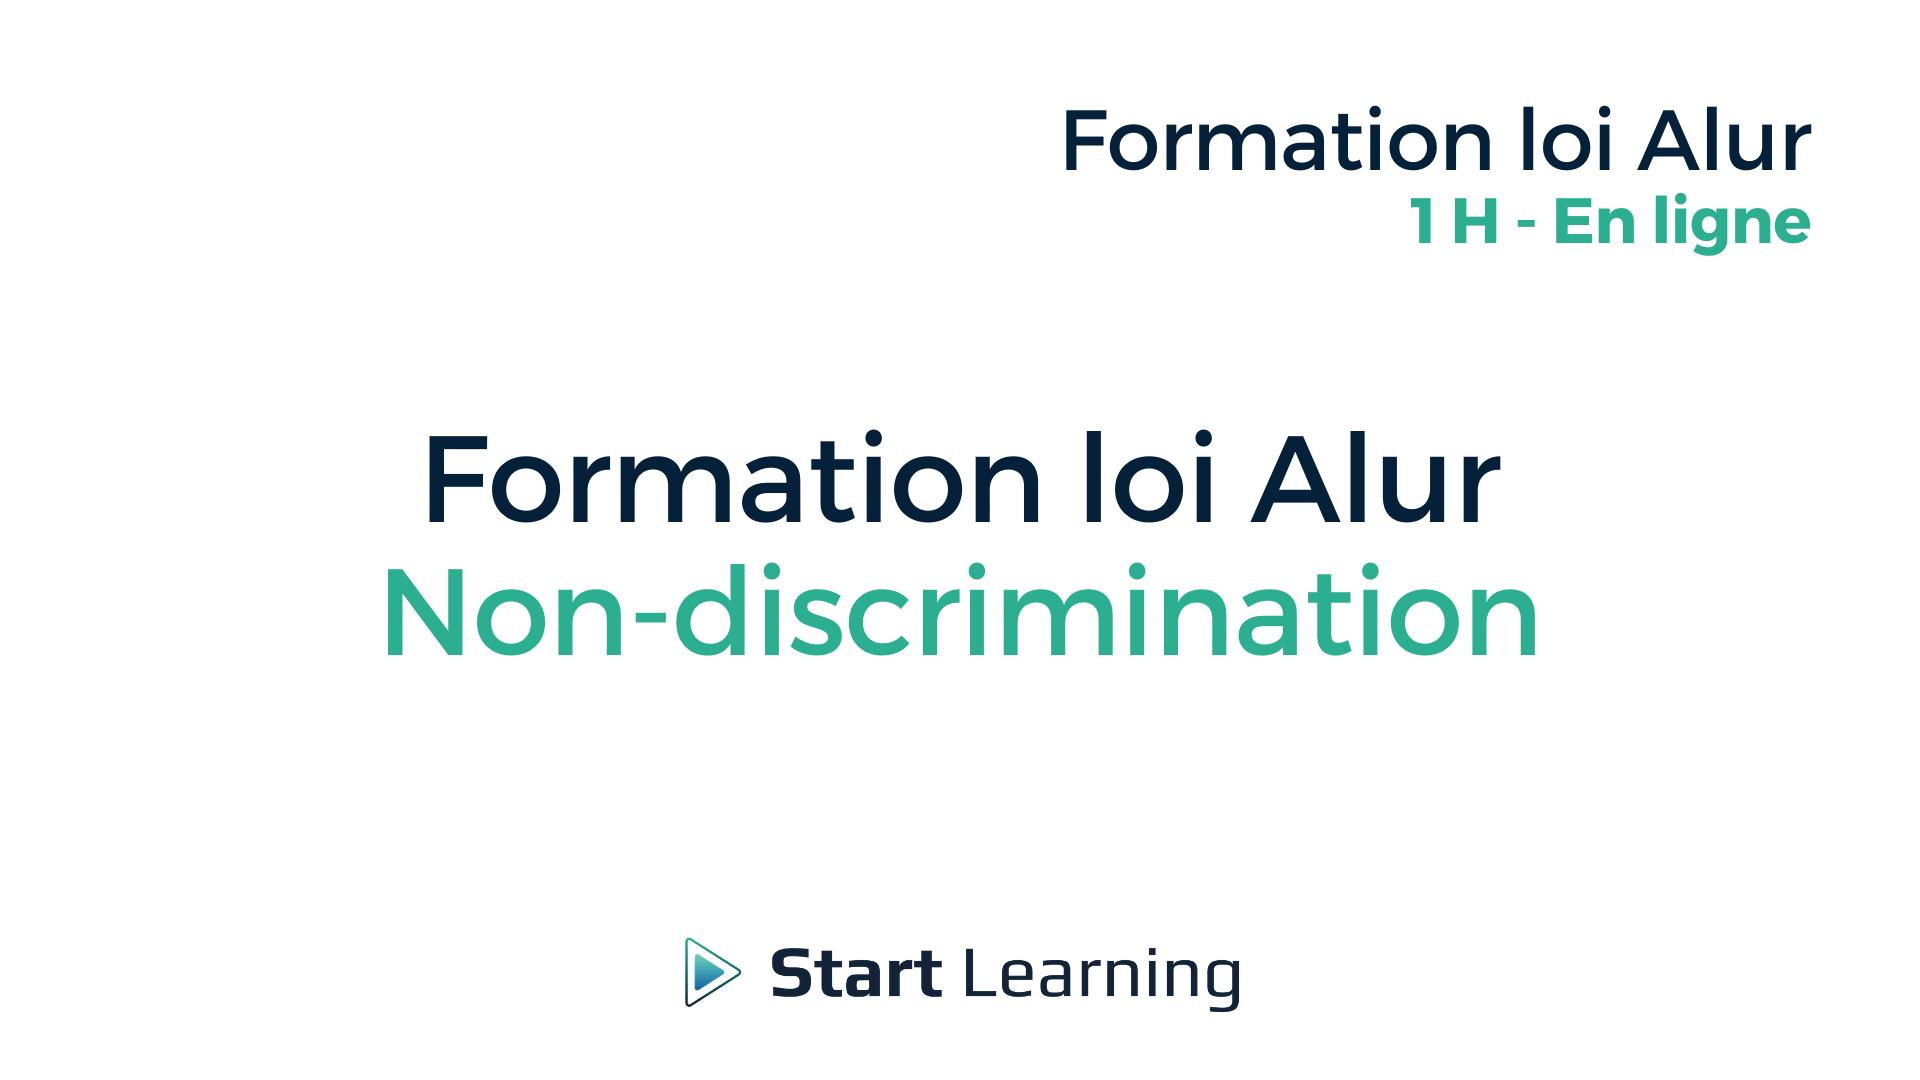 Formation loi Alur Non-discrimination - en ligne